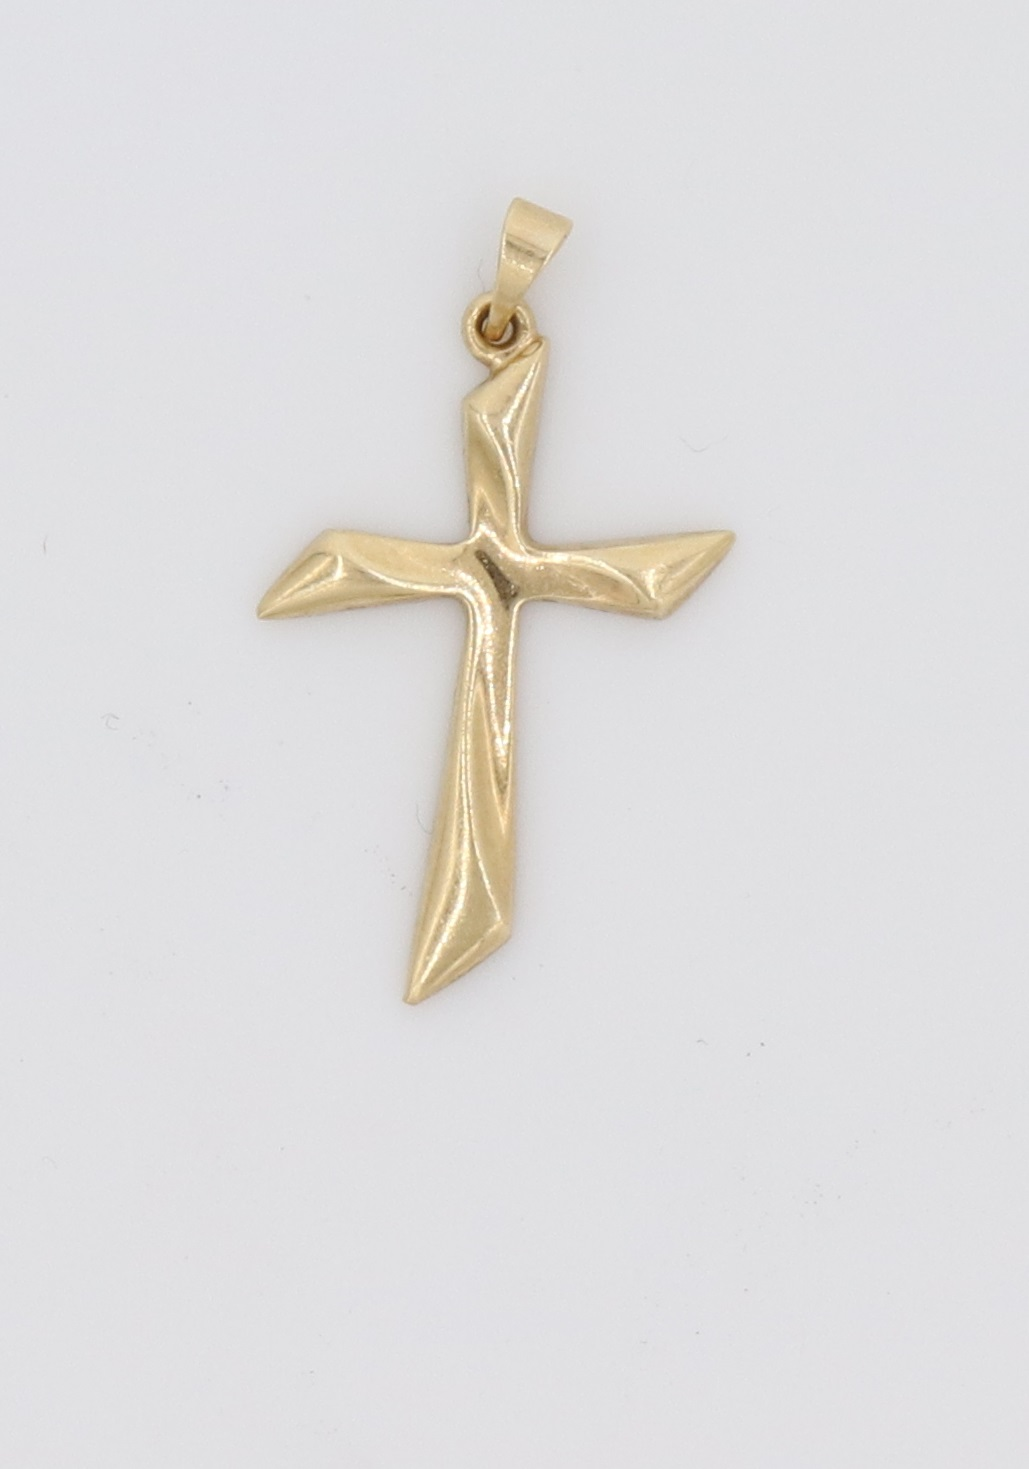 14kt Gold Cross Pendant